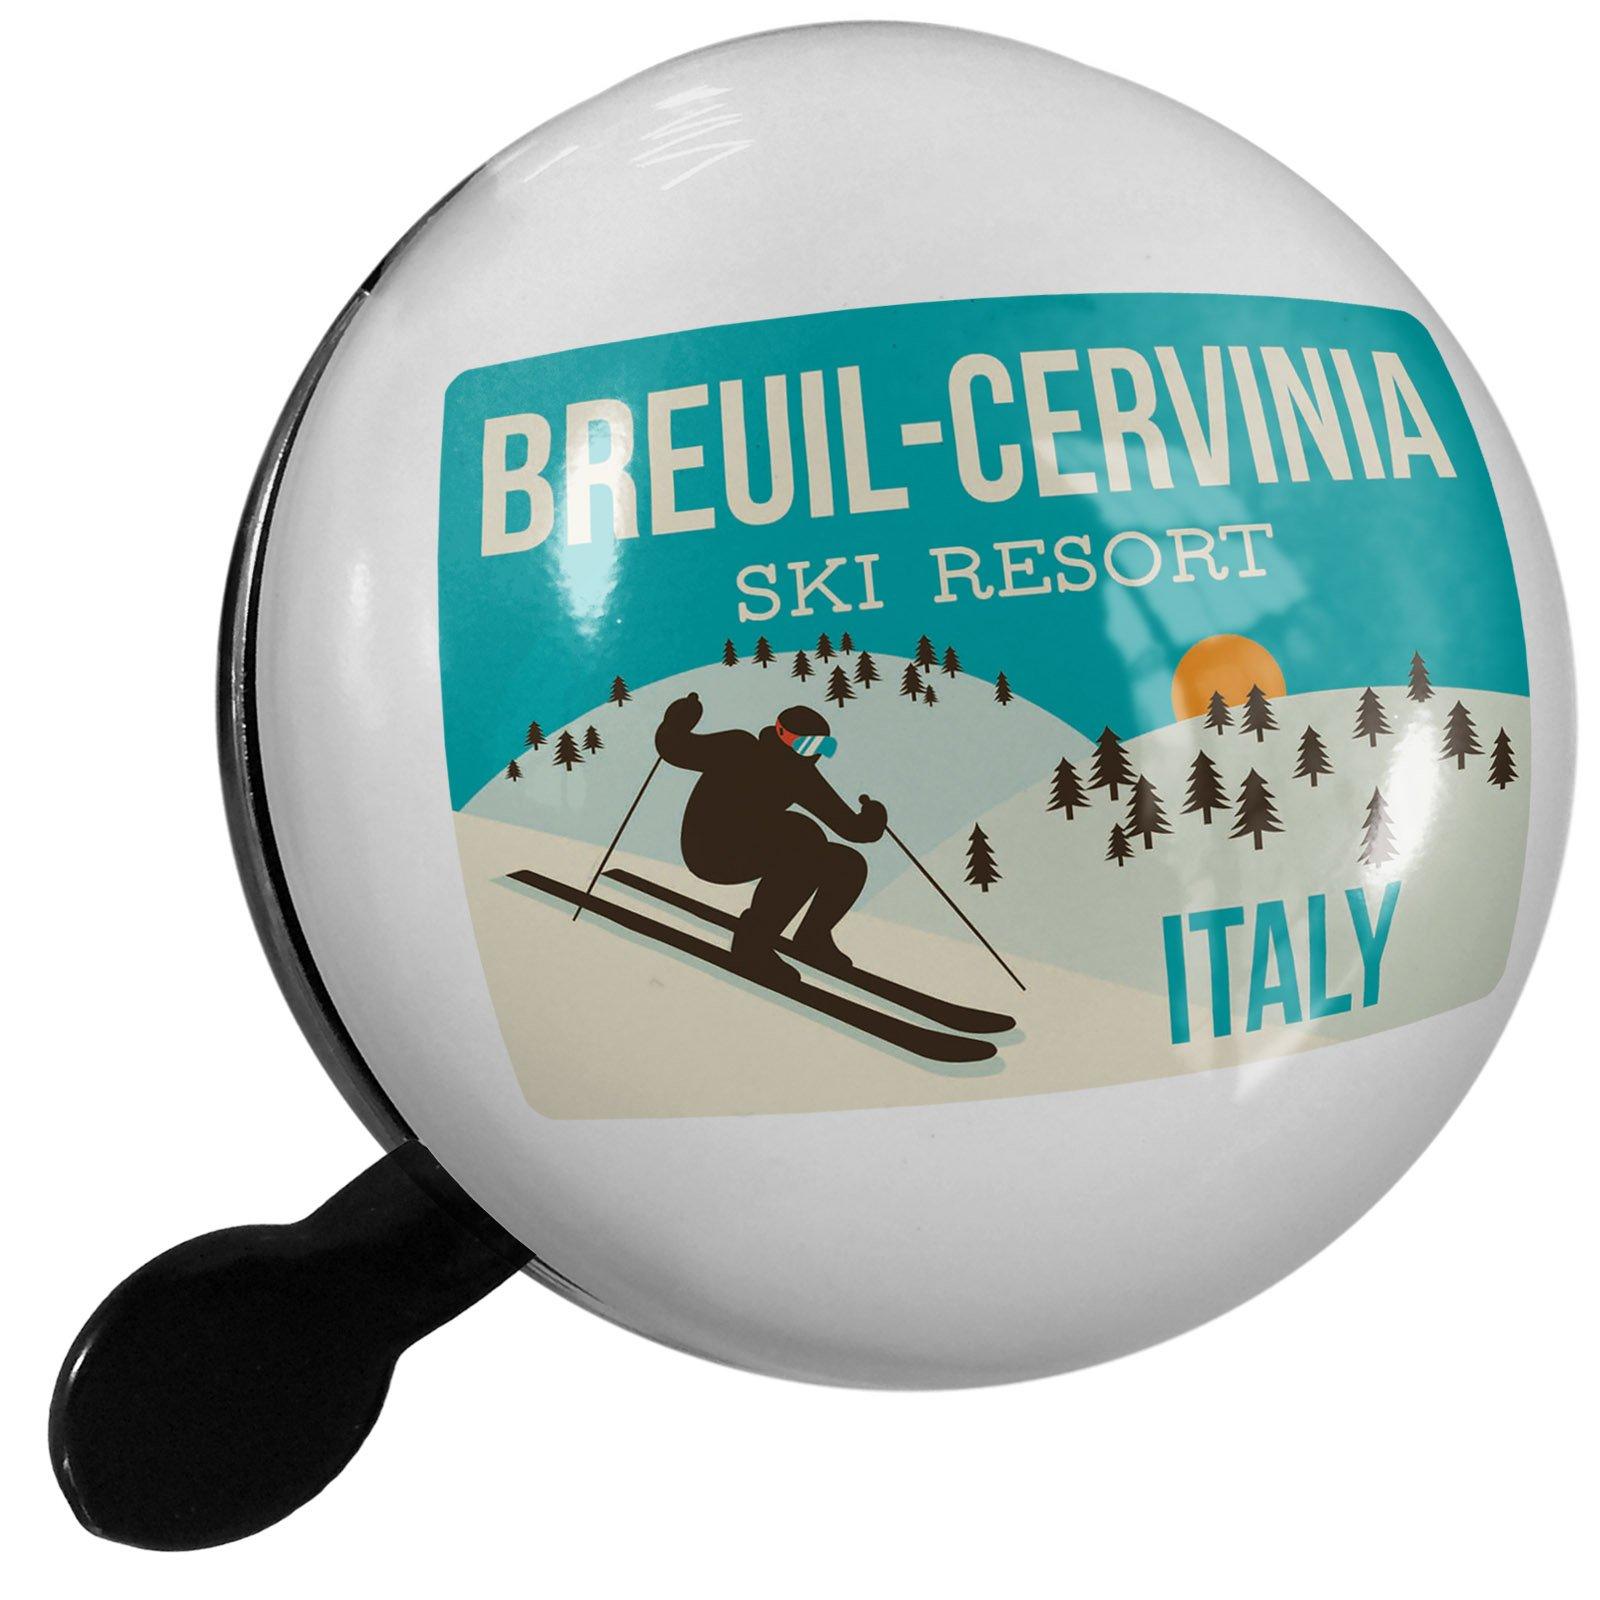 Small Bike Bell Breuil-Cervinia Ski Resort - Italy Ski Resort - NEONBLOND